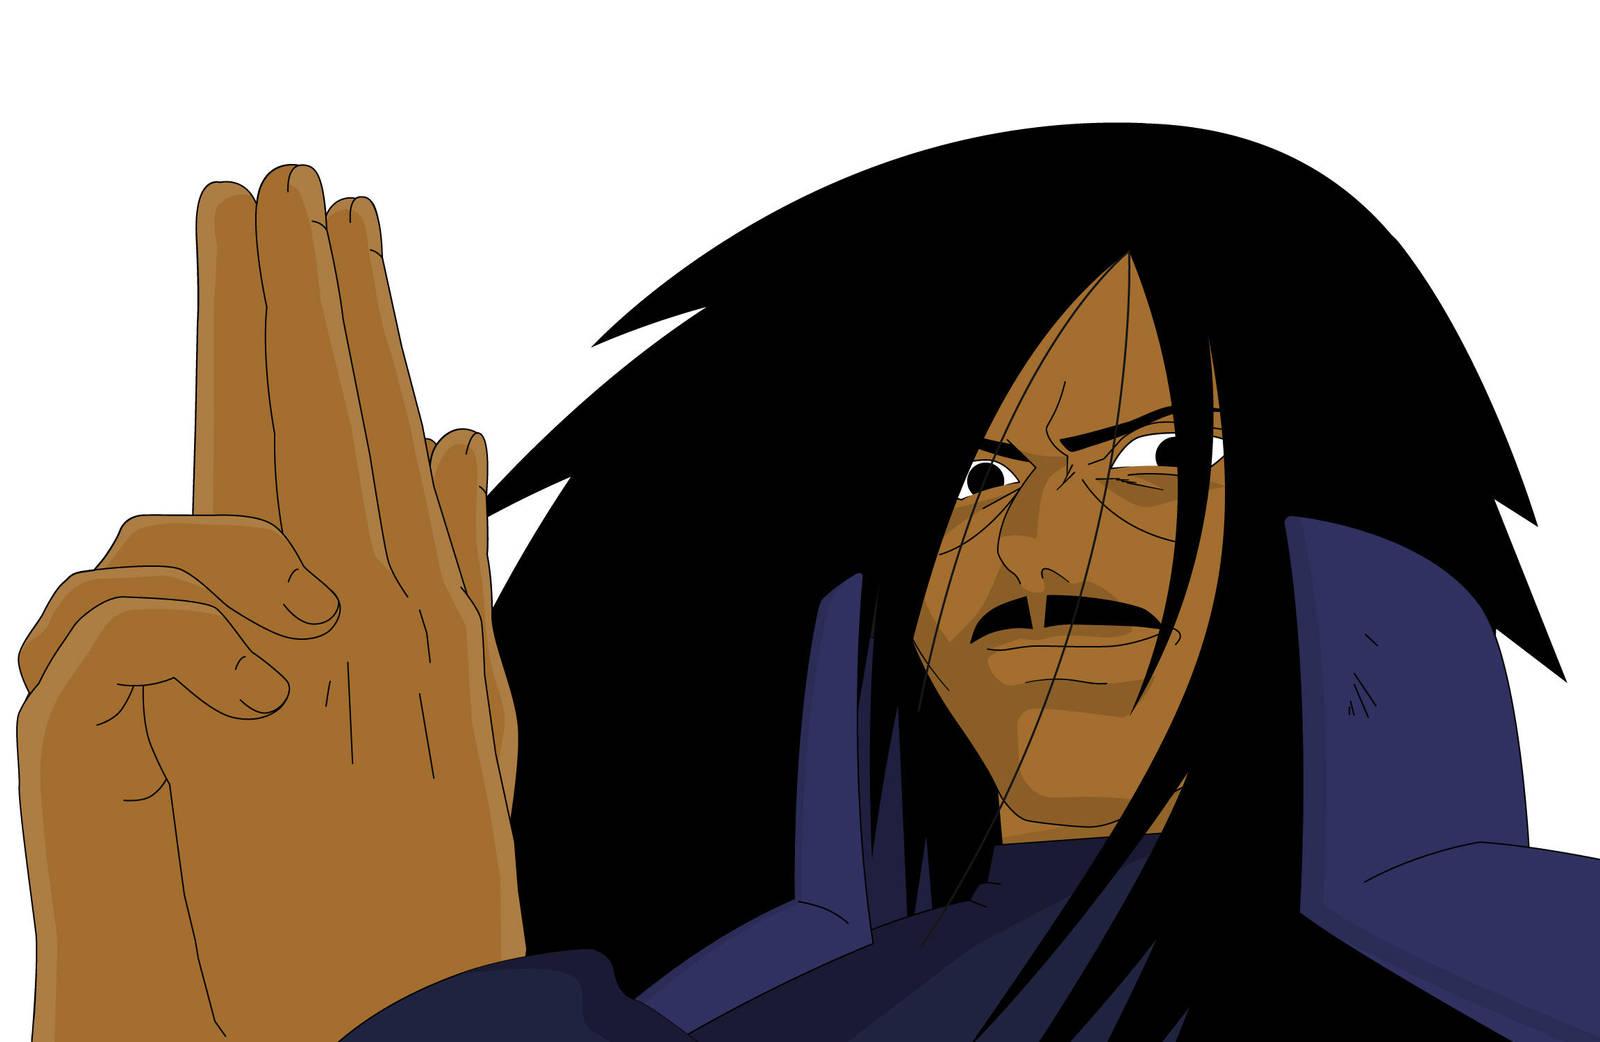 Naruto Shippuden by ThomasGiavarini